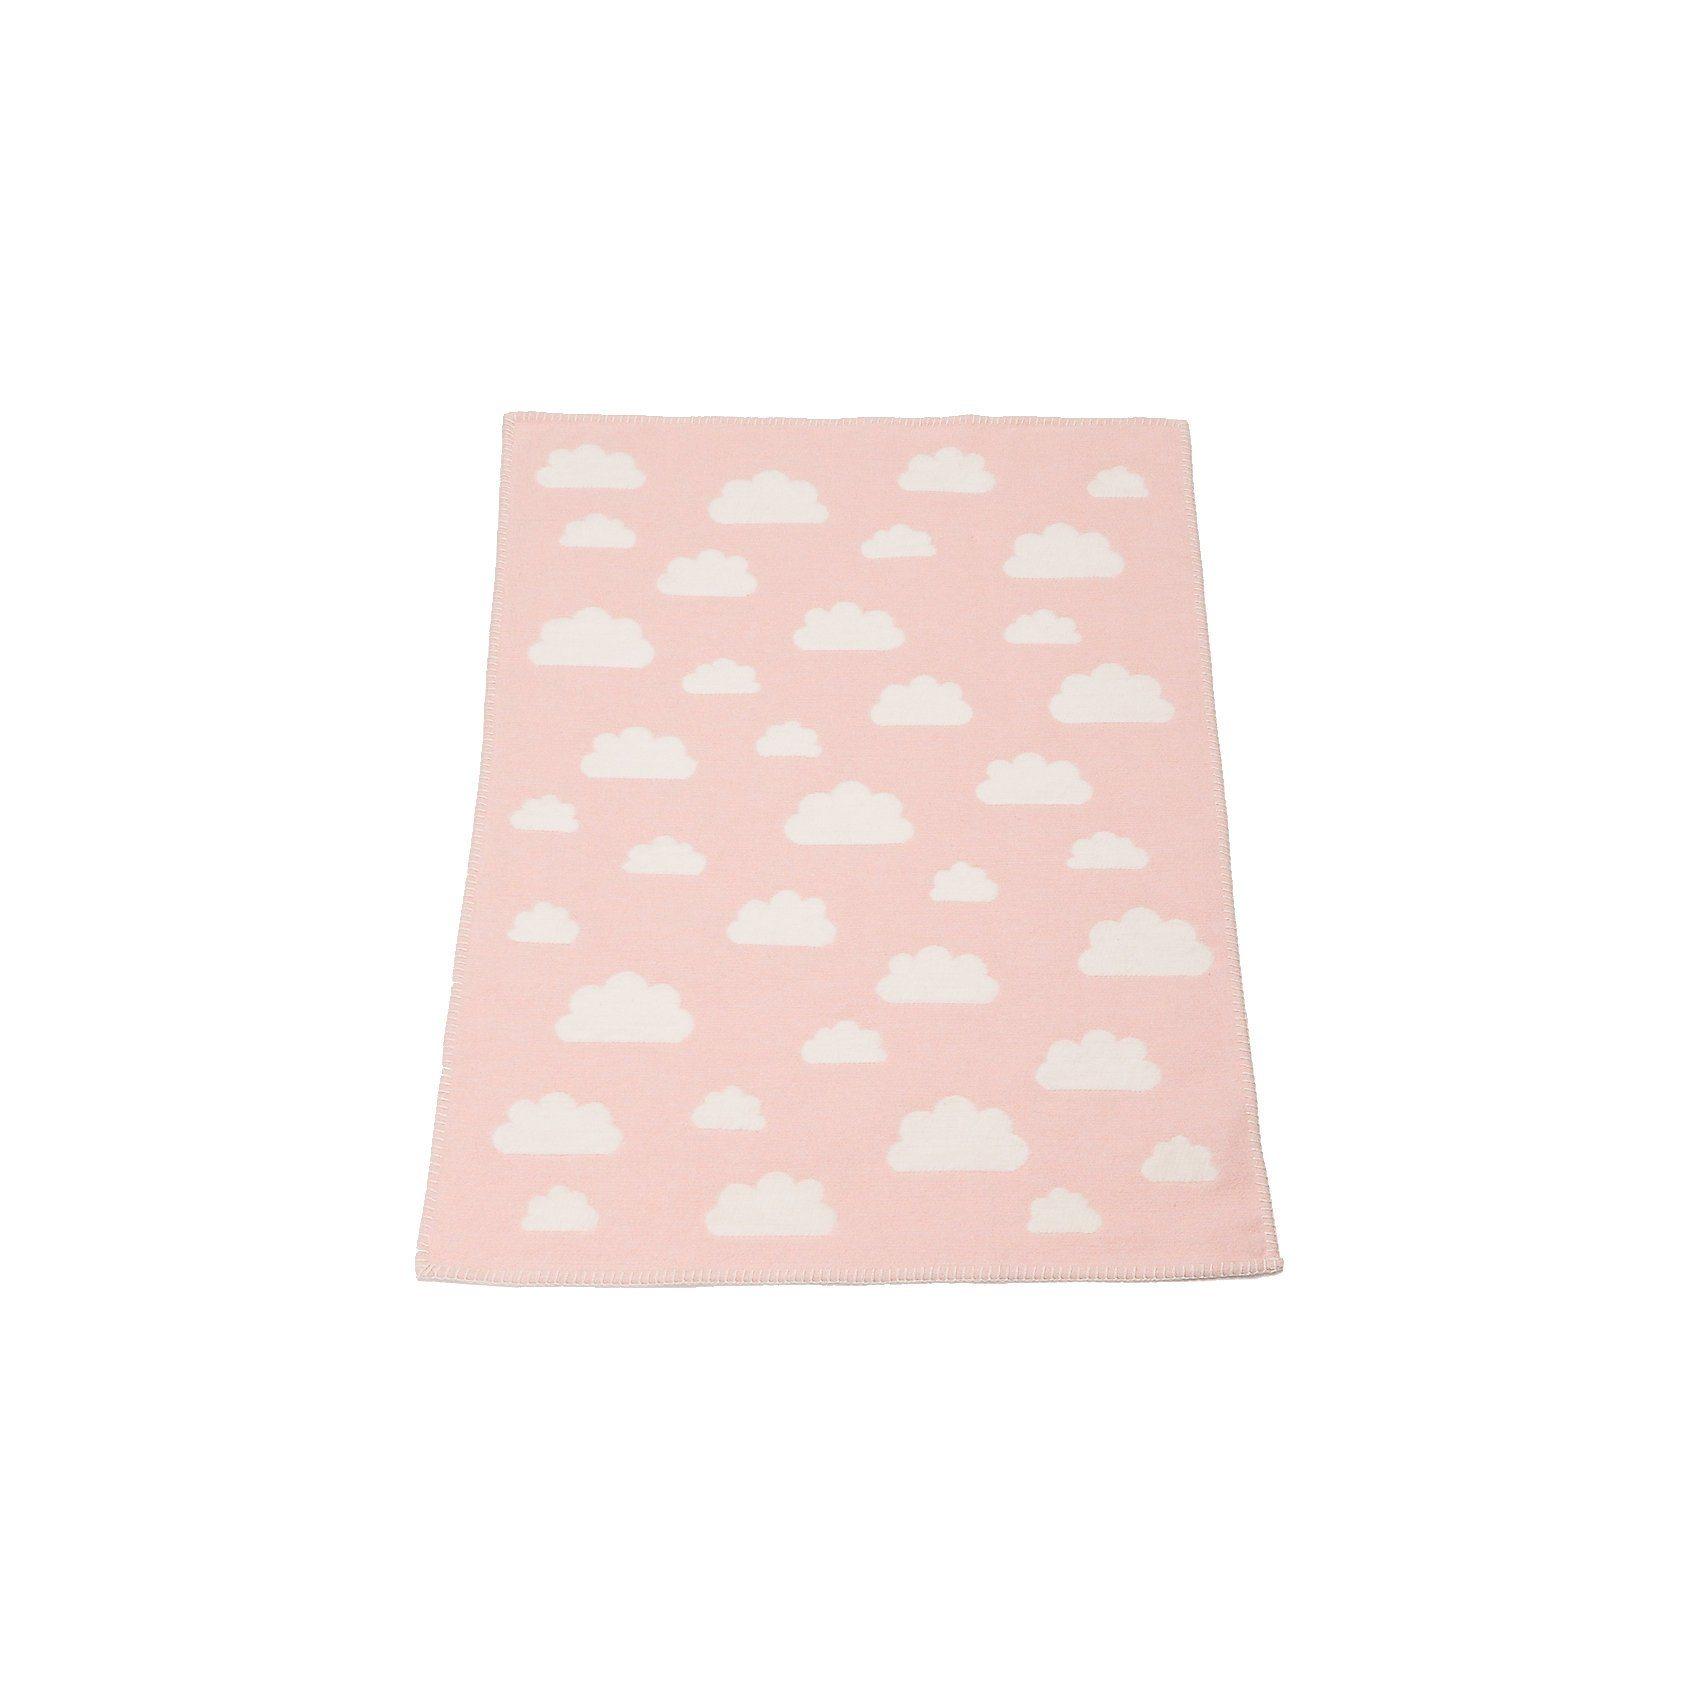 DAVID FUSSENEGGER Babydecke Finn, Wolken rosa, 65 x 90 cm | Kinderzimmer > Textilien für Kinder > Babytextilien | Rosa | Baumwolle | DAVID FUSSENEGGER